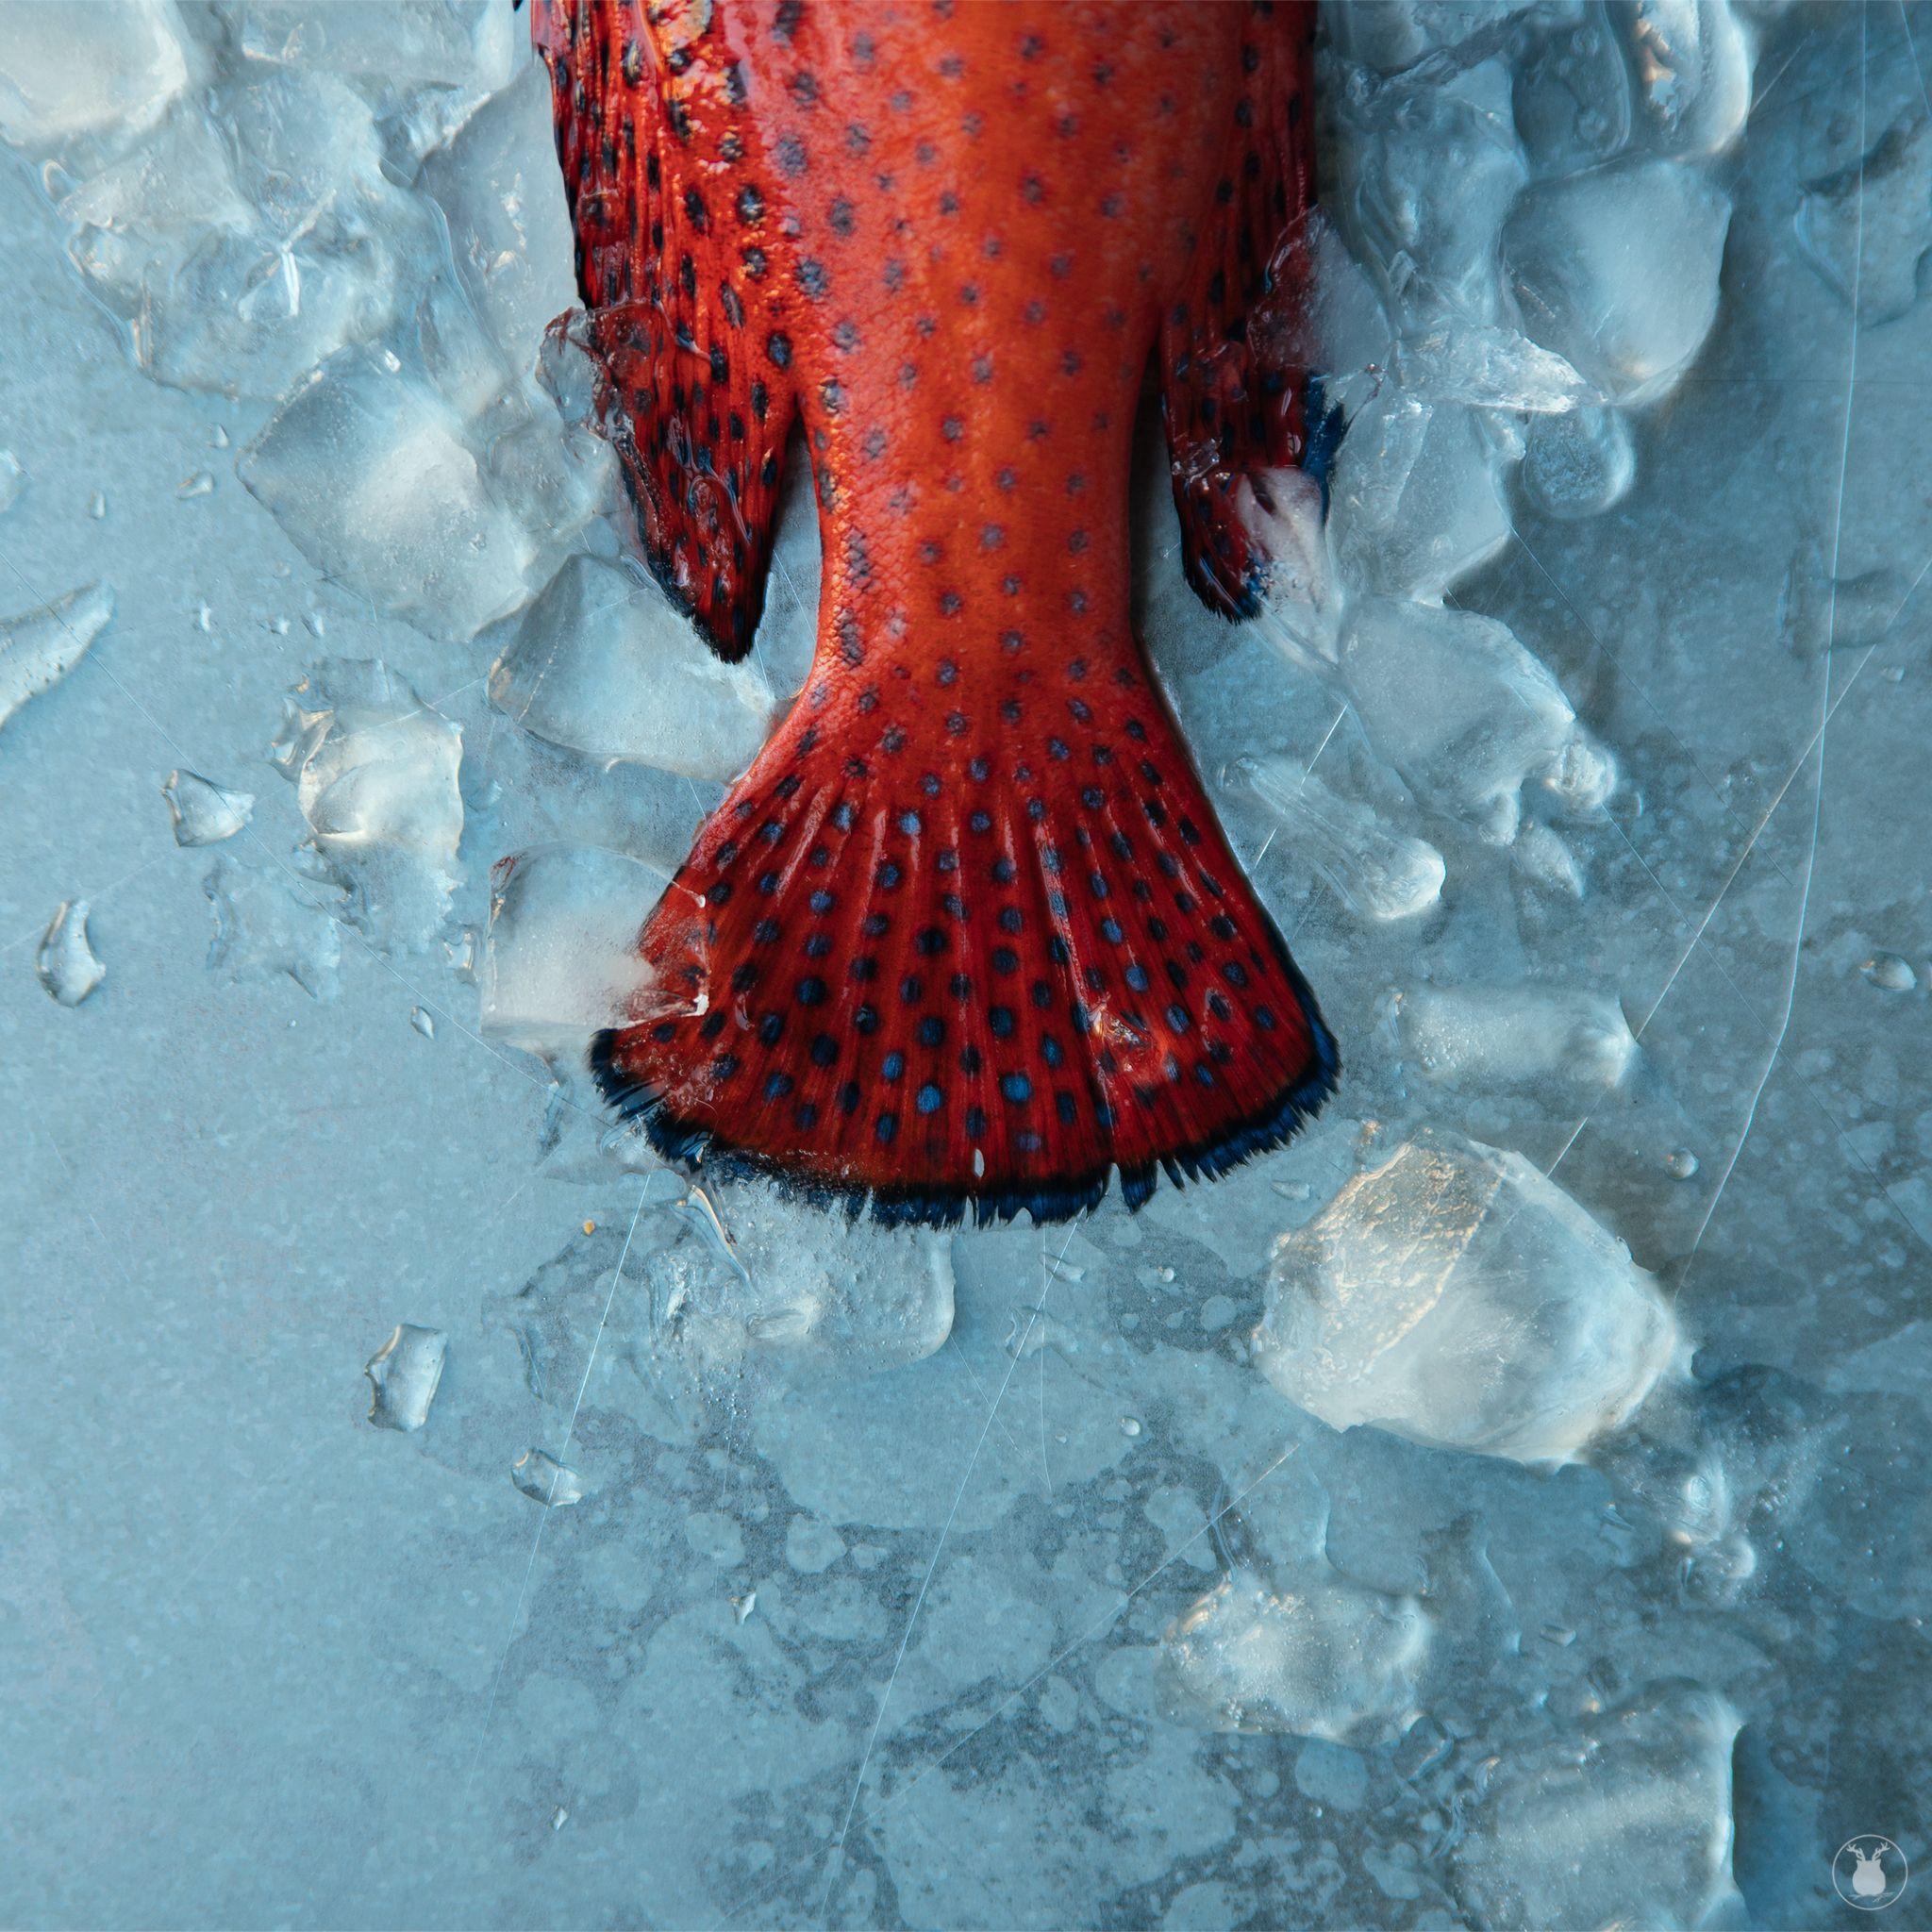 Red fish, blue dots. Fish, fresh, red, food photography. Sasha O ...